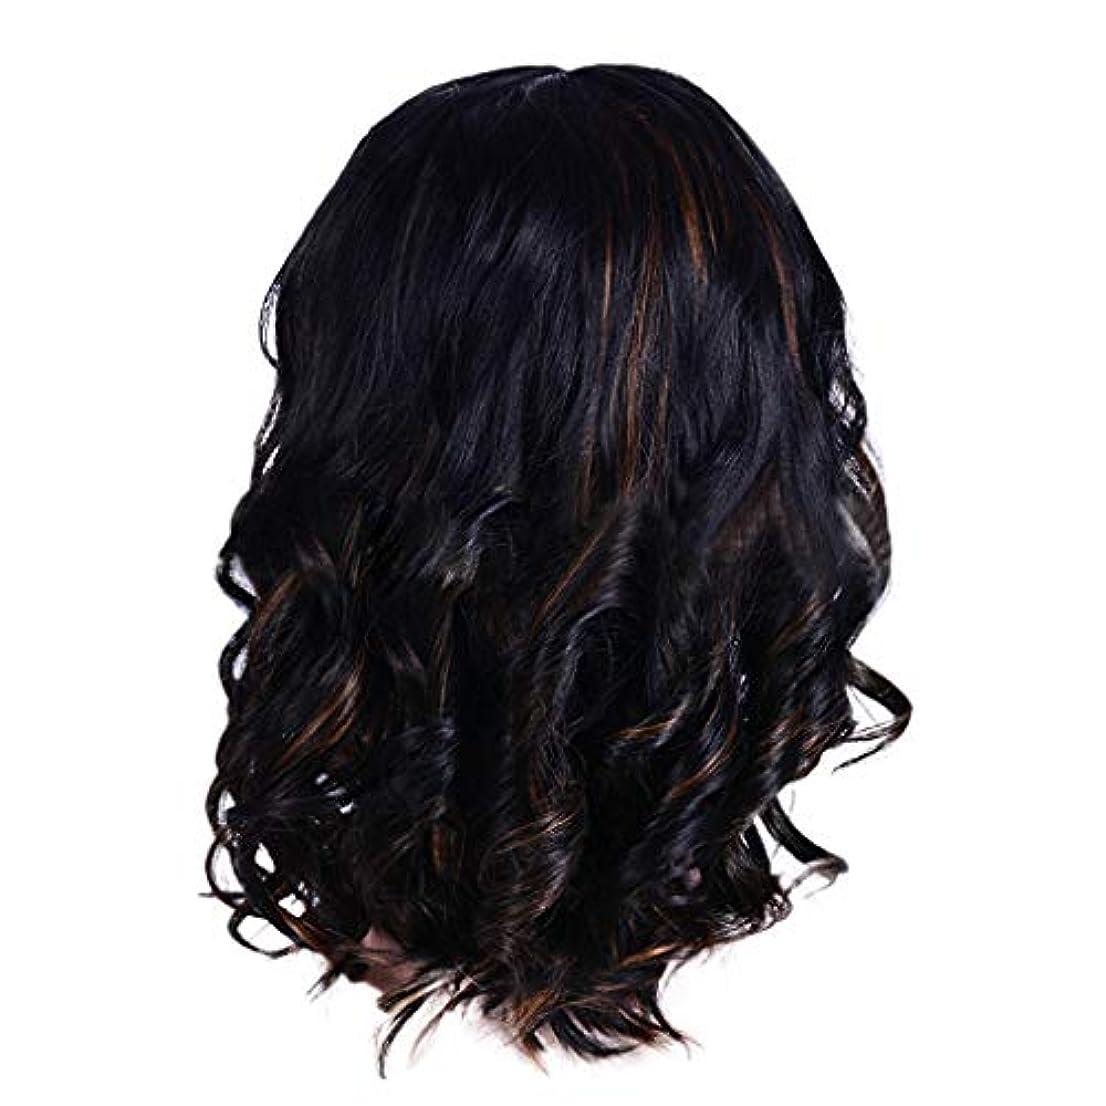 回想伝記ガイドラインウィッグの女性の短い巻き毛の黒ボブエレガントなファッションウィッグ